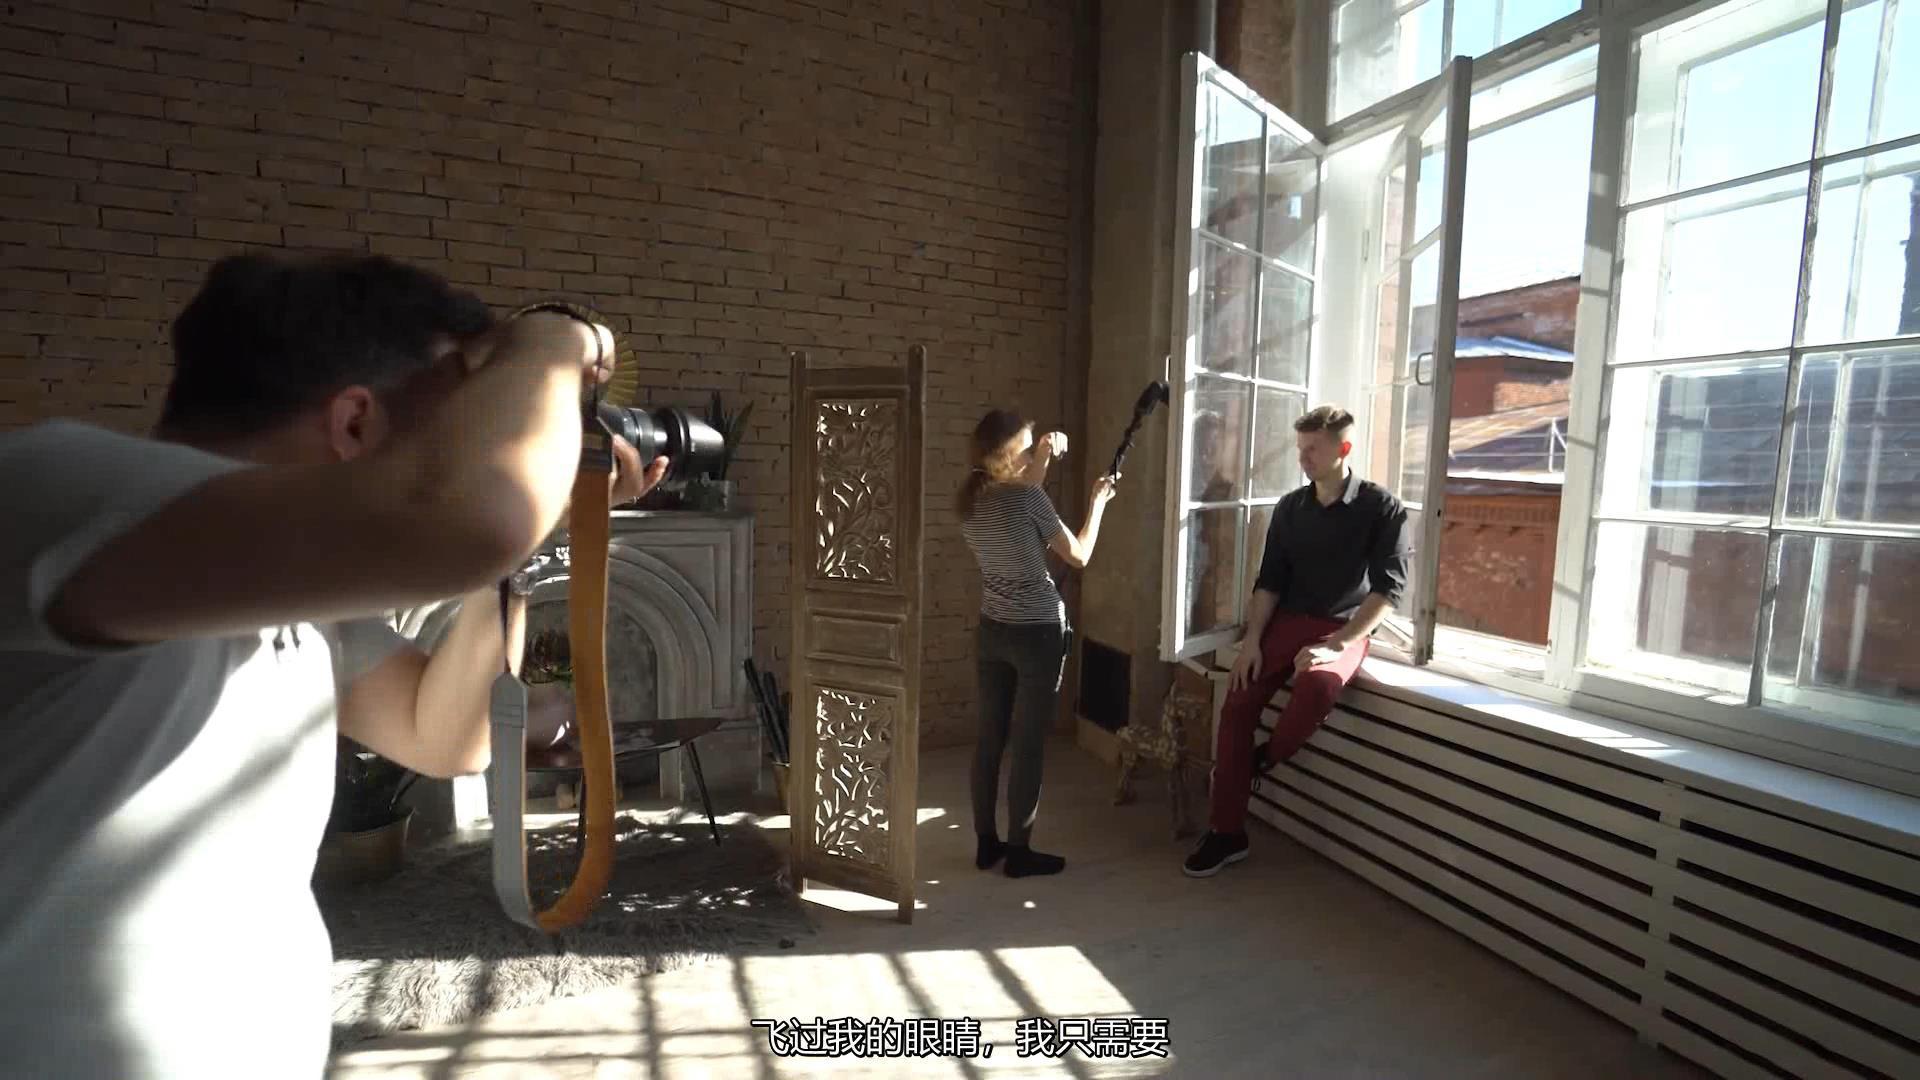 摄影教程_Alexey Gaidin实践30多种人造光闪光灯摄影布光教程-中文字幕 摄影教程 _预览图9